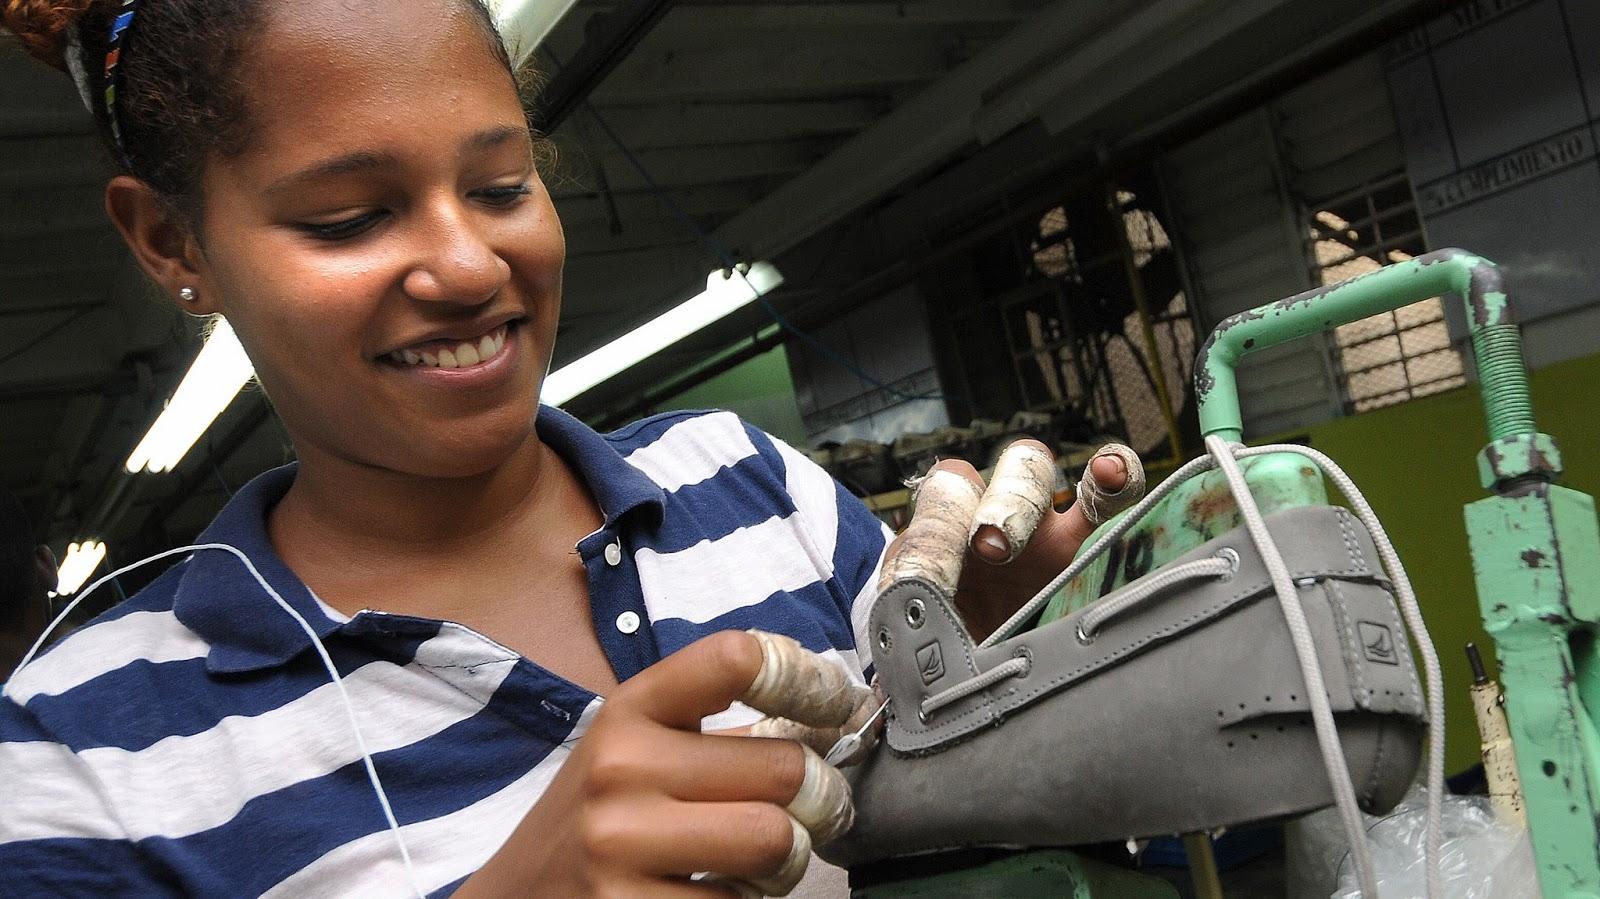 En 5 años de Danilo Medina: República Dominicana crece y se democratiza